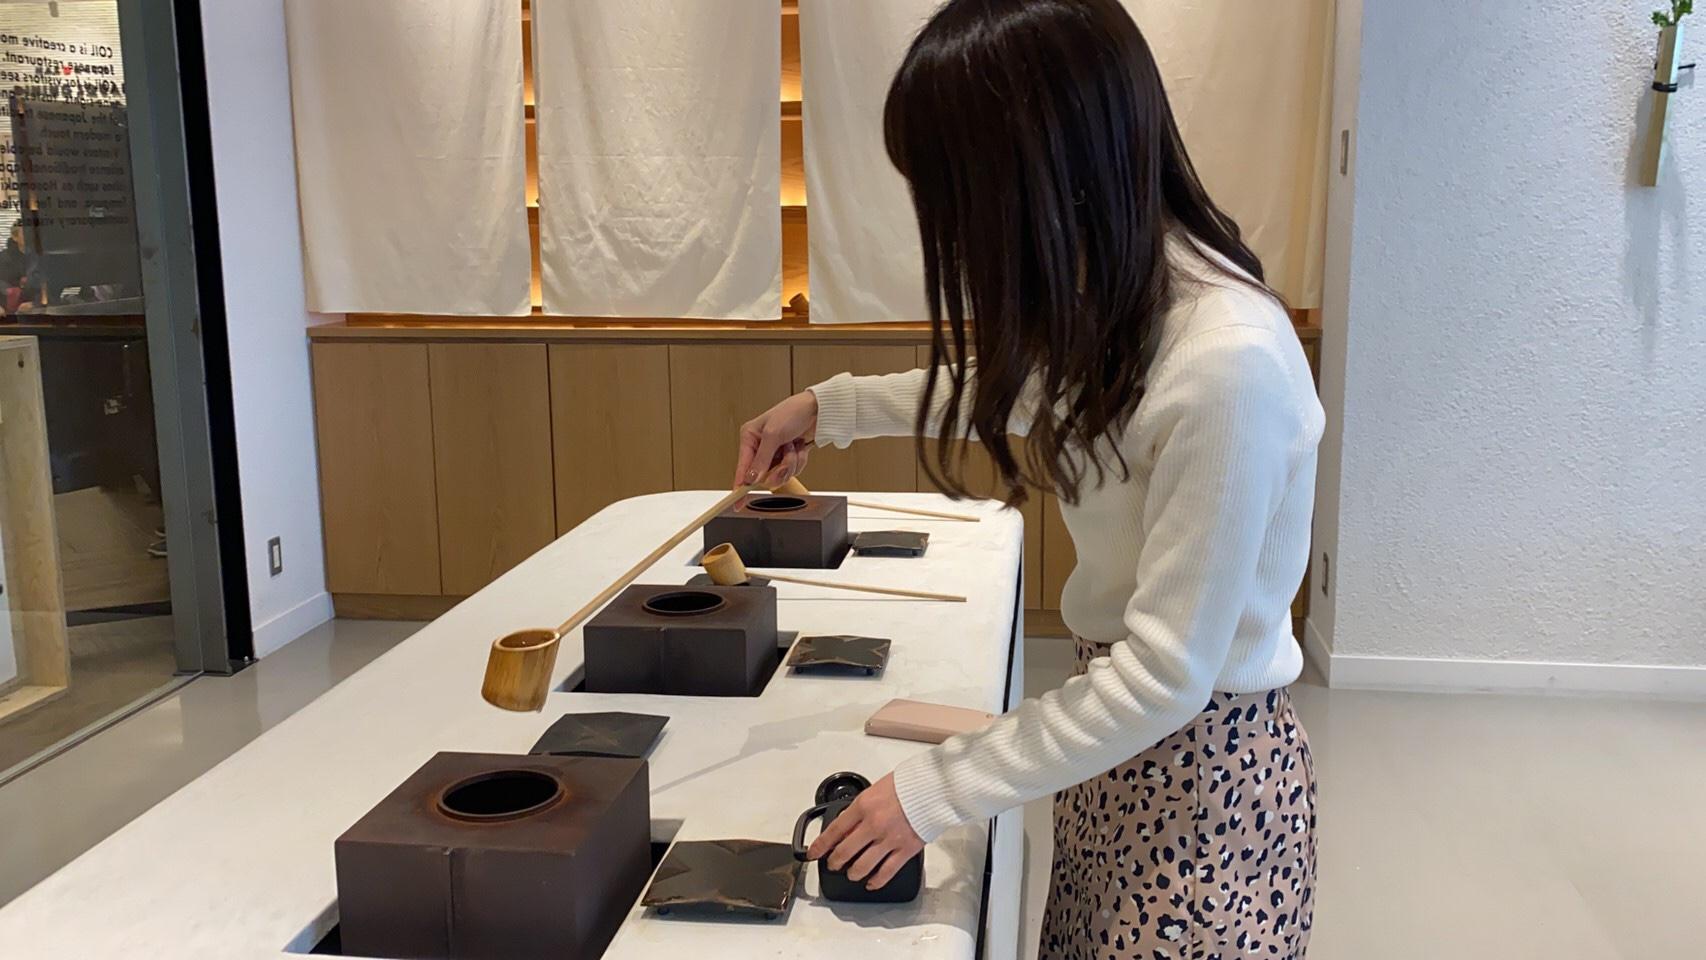 【女子旅におすすめ】《石川県 金沢》インスタ映え♪ 金沢にしかない必ず行きたい人気グルメスポット✩*.°_4